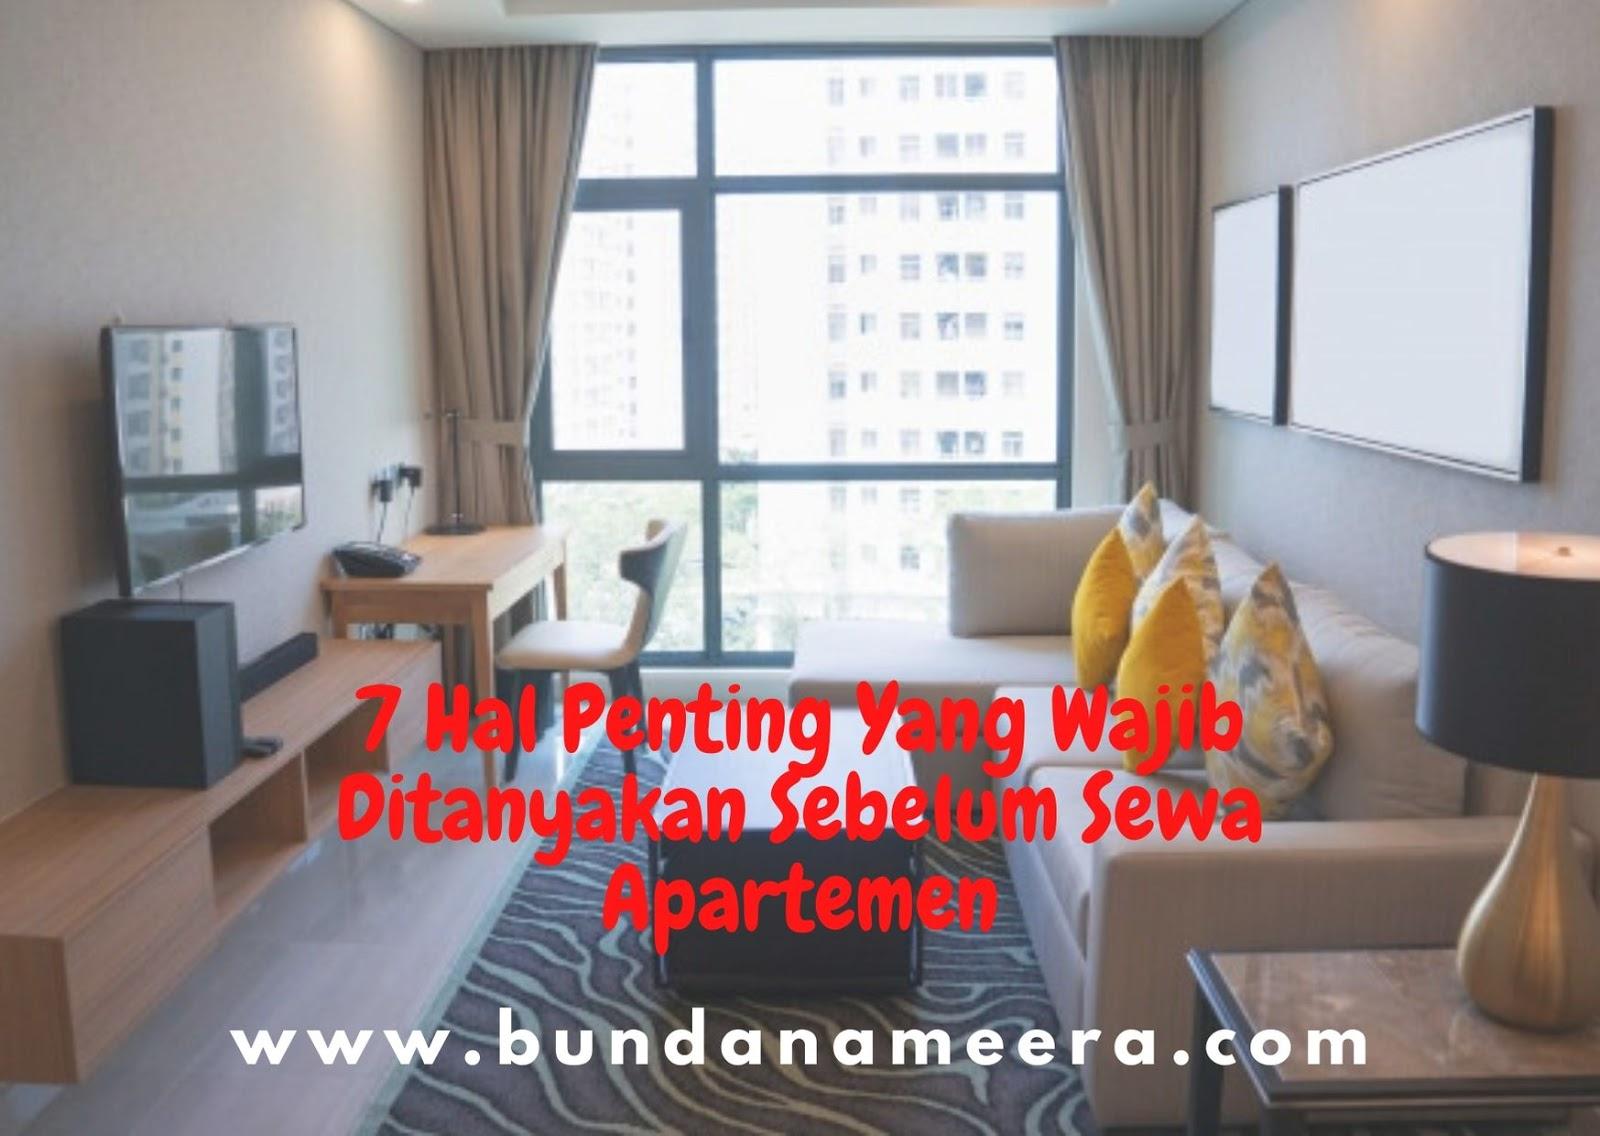 Kiat memilih apartemen, tips memilih apartemen, hal yang perlu dipertimbangkan sebelum sewa apartemen, bolehkah membawa kucin ke apartemen?